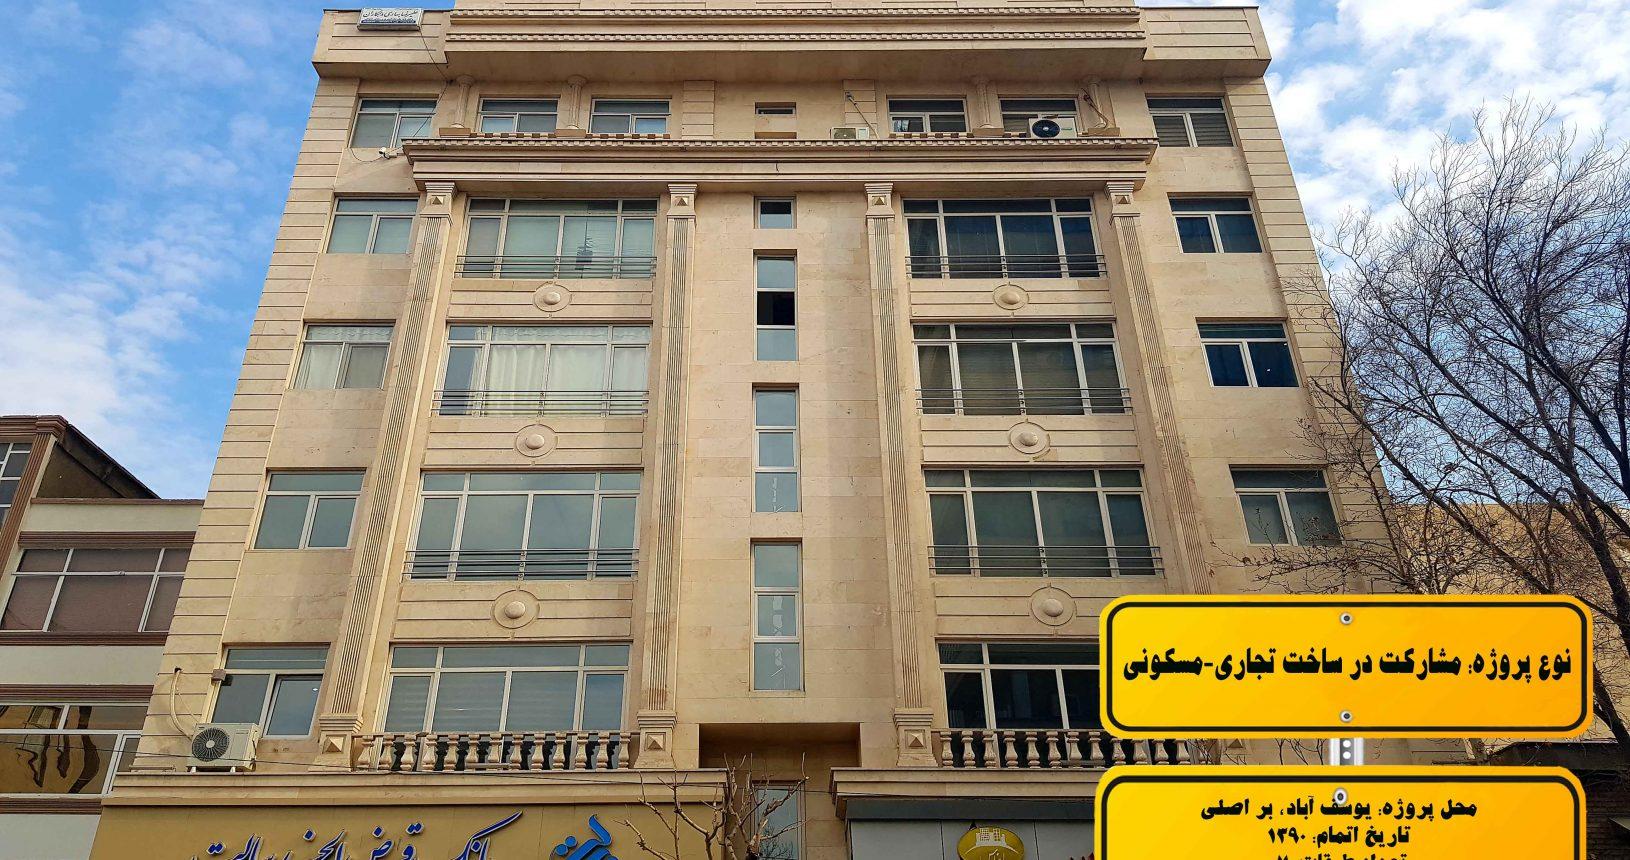 مشارکت در ساخت در تهران | بازسازی ساختمان در تهران | اوستاپ